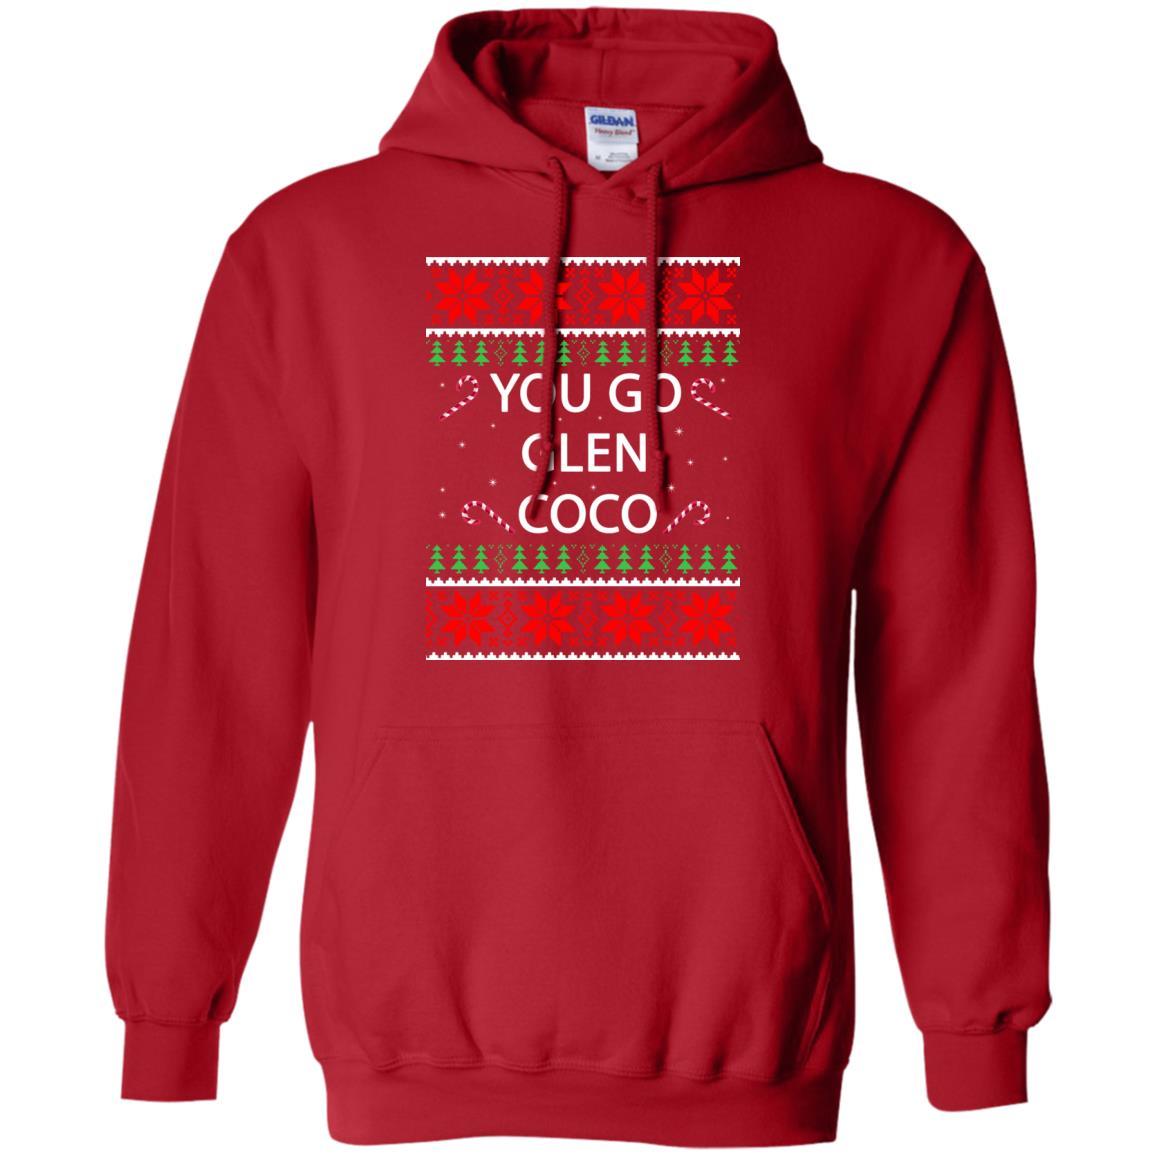 image 3152 - You Go Glen Coco Sweatshirts, Hoodie, Tank